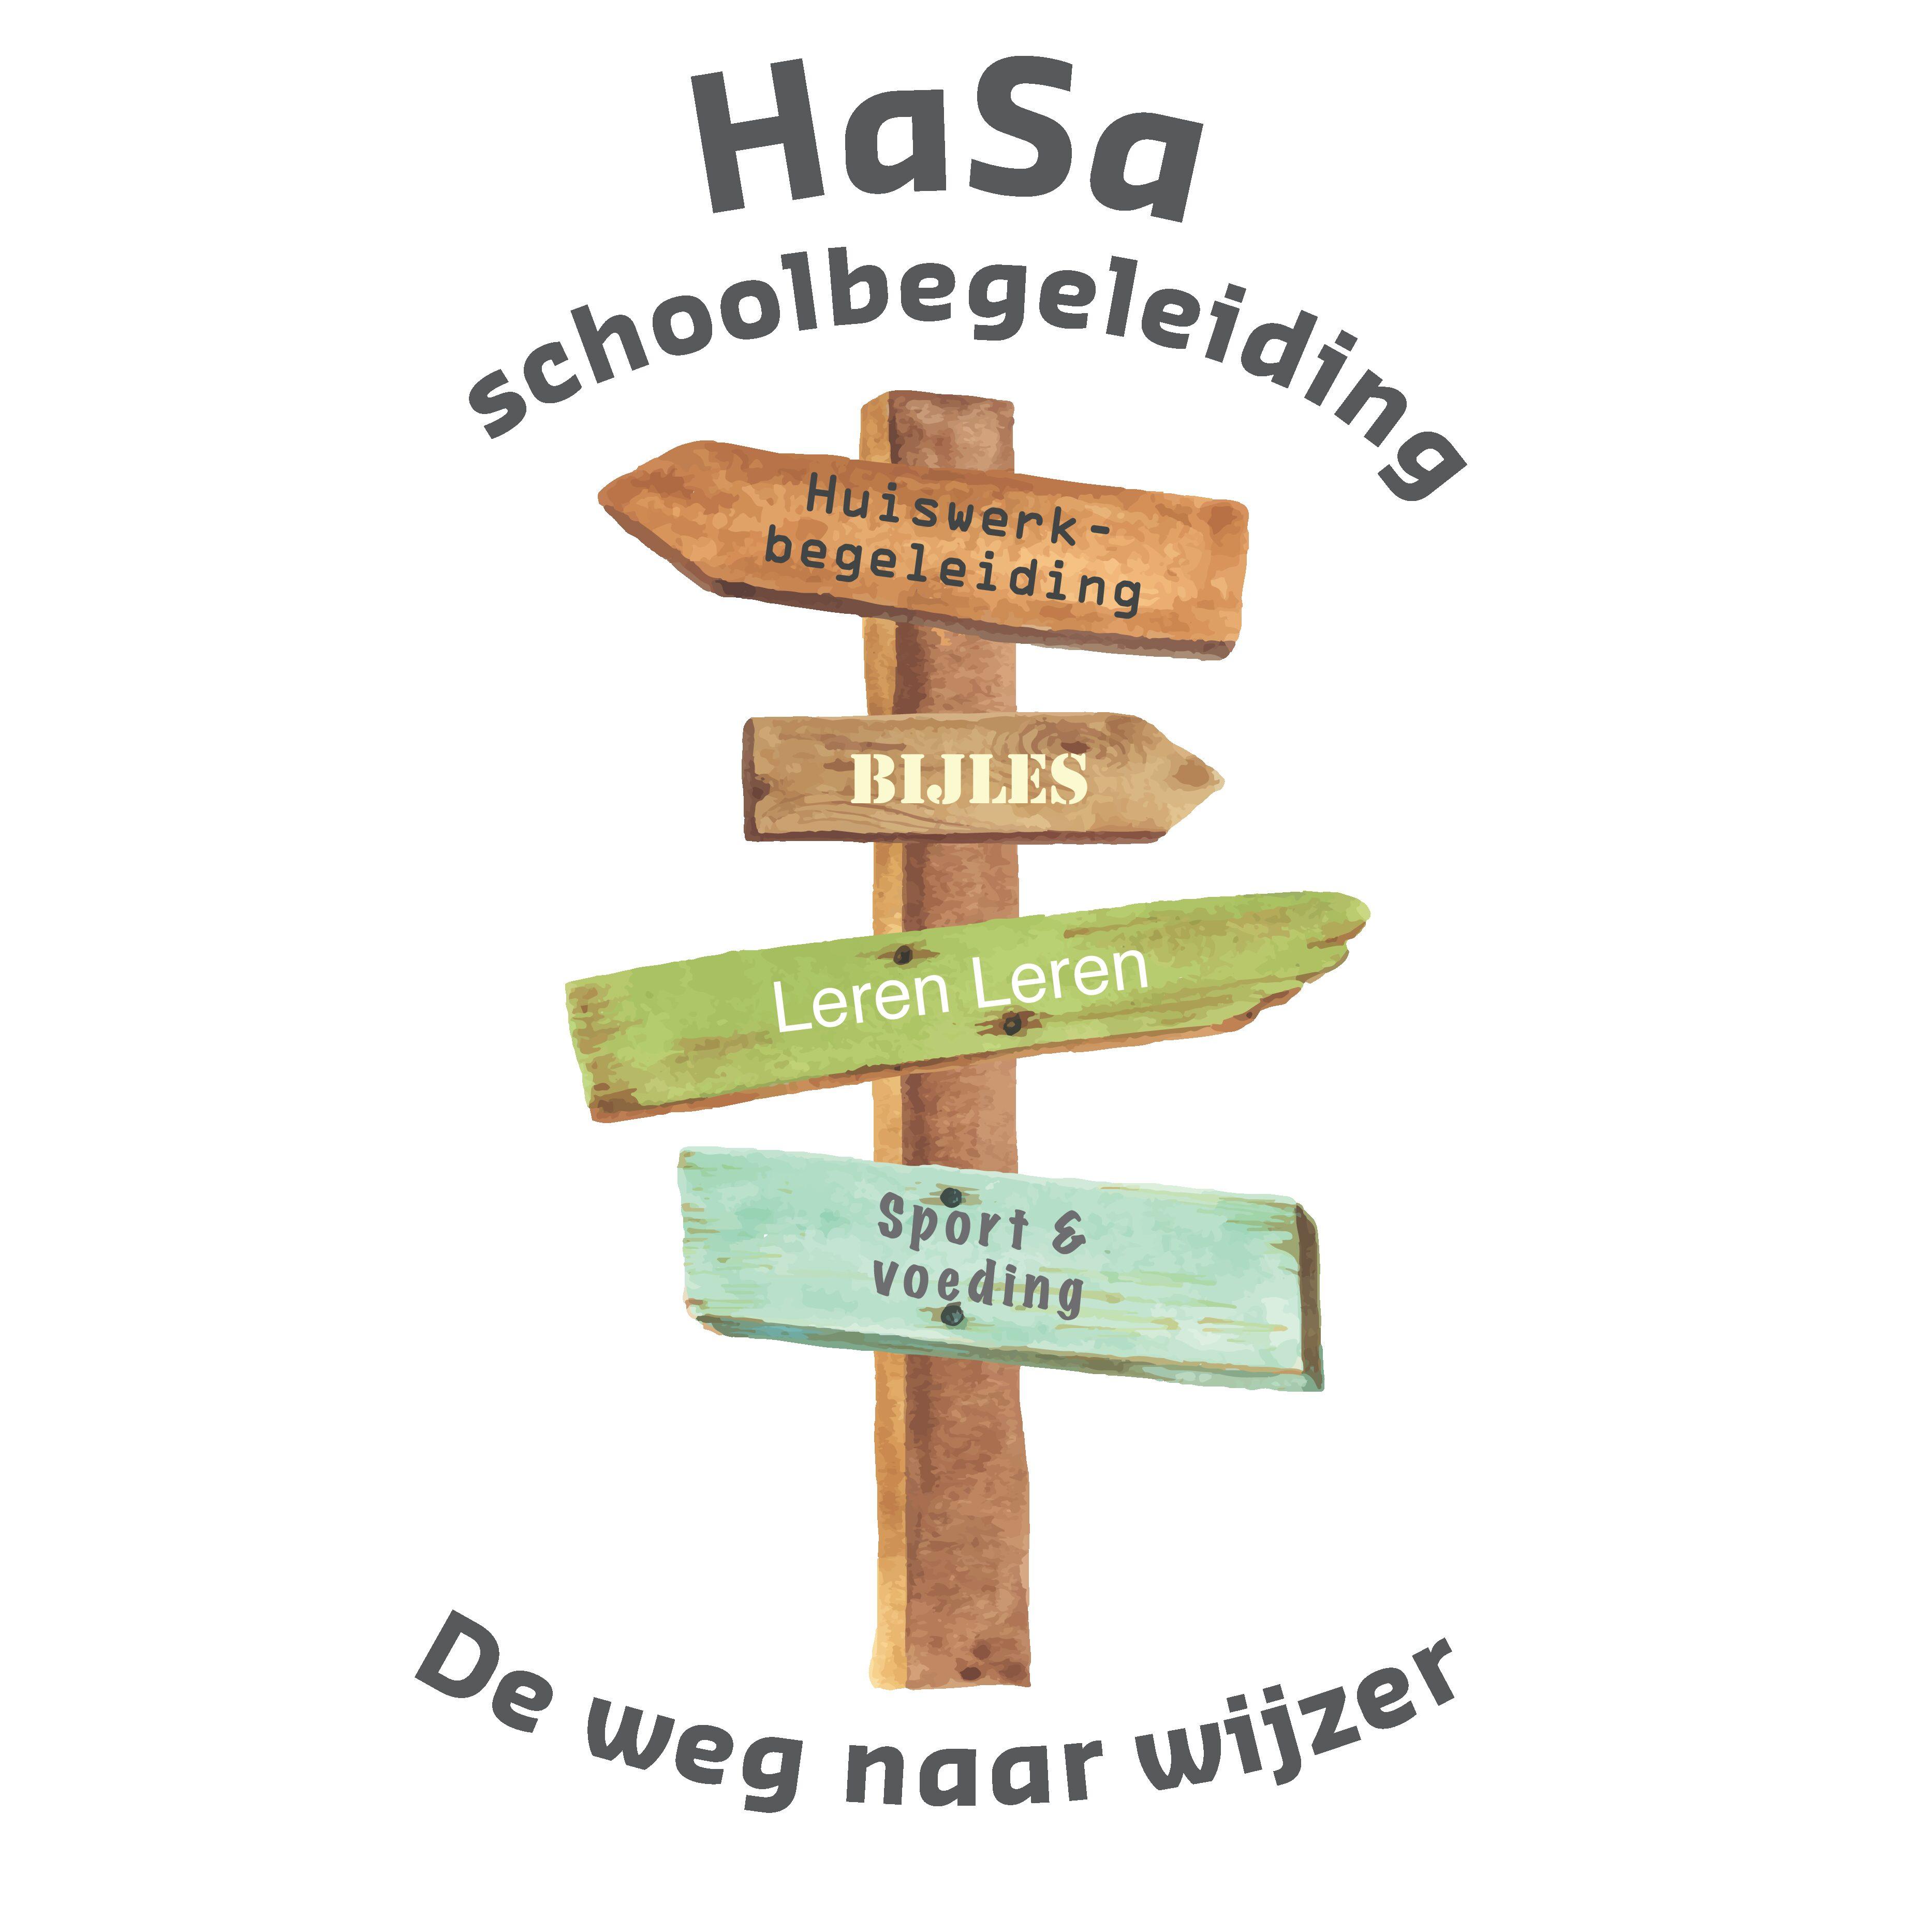 HaSa schoolbegeleiding